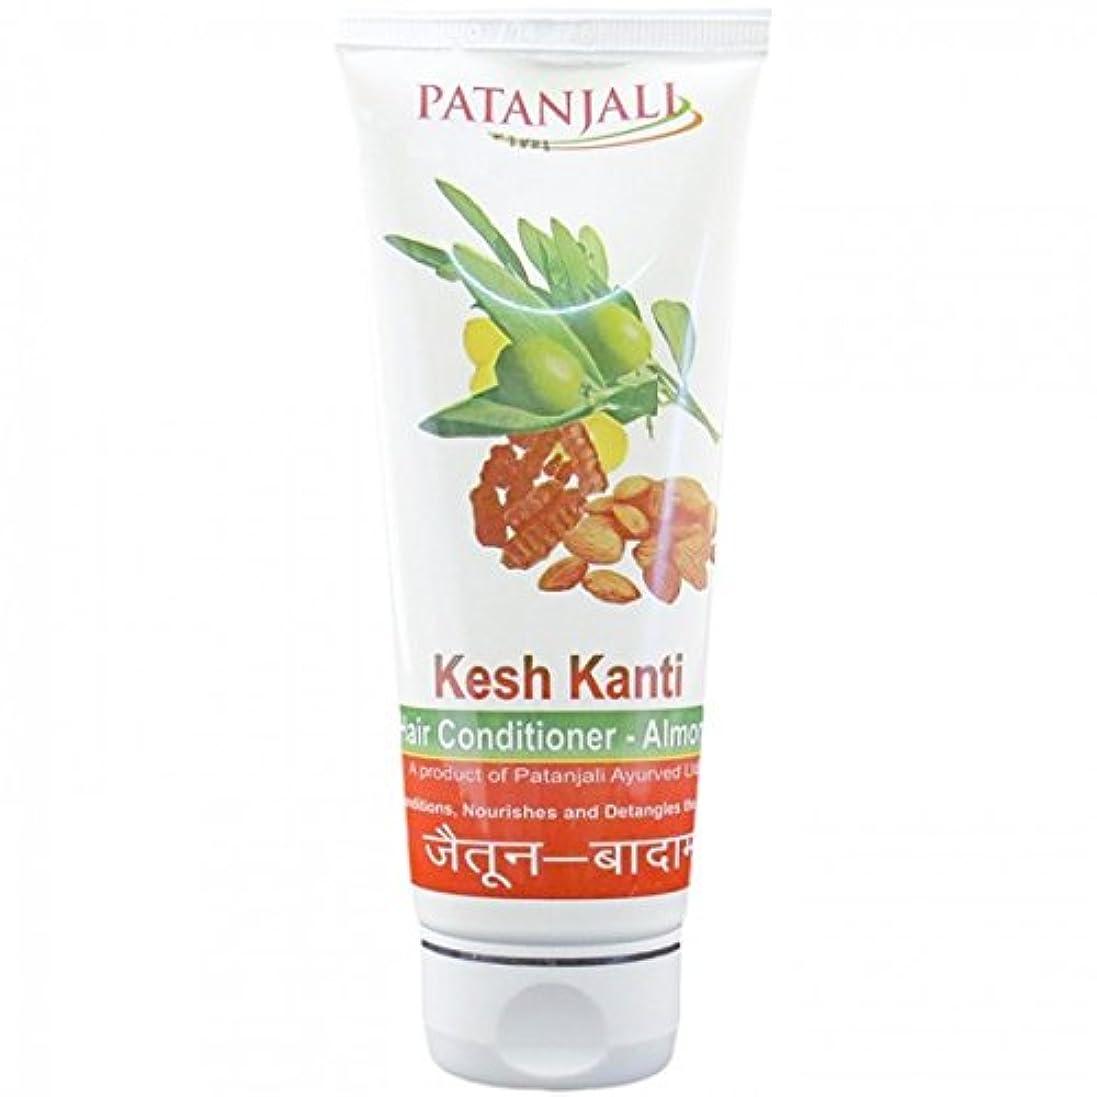 冷蔵庫背が高い砦PATANJALI Kesh Kanti Hair Conditioner Almond 100 Grams by Patanjali